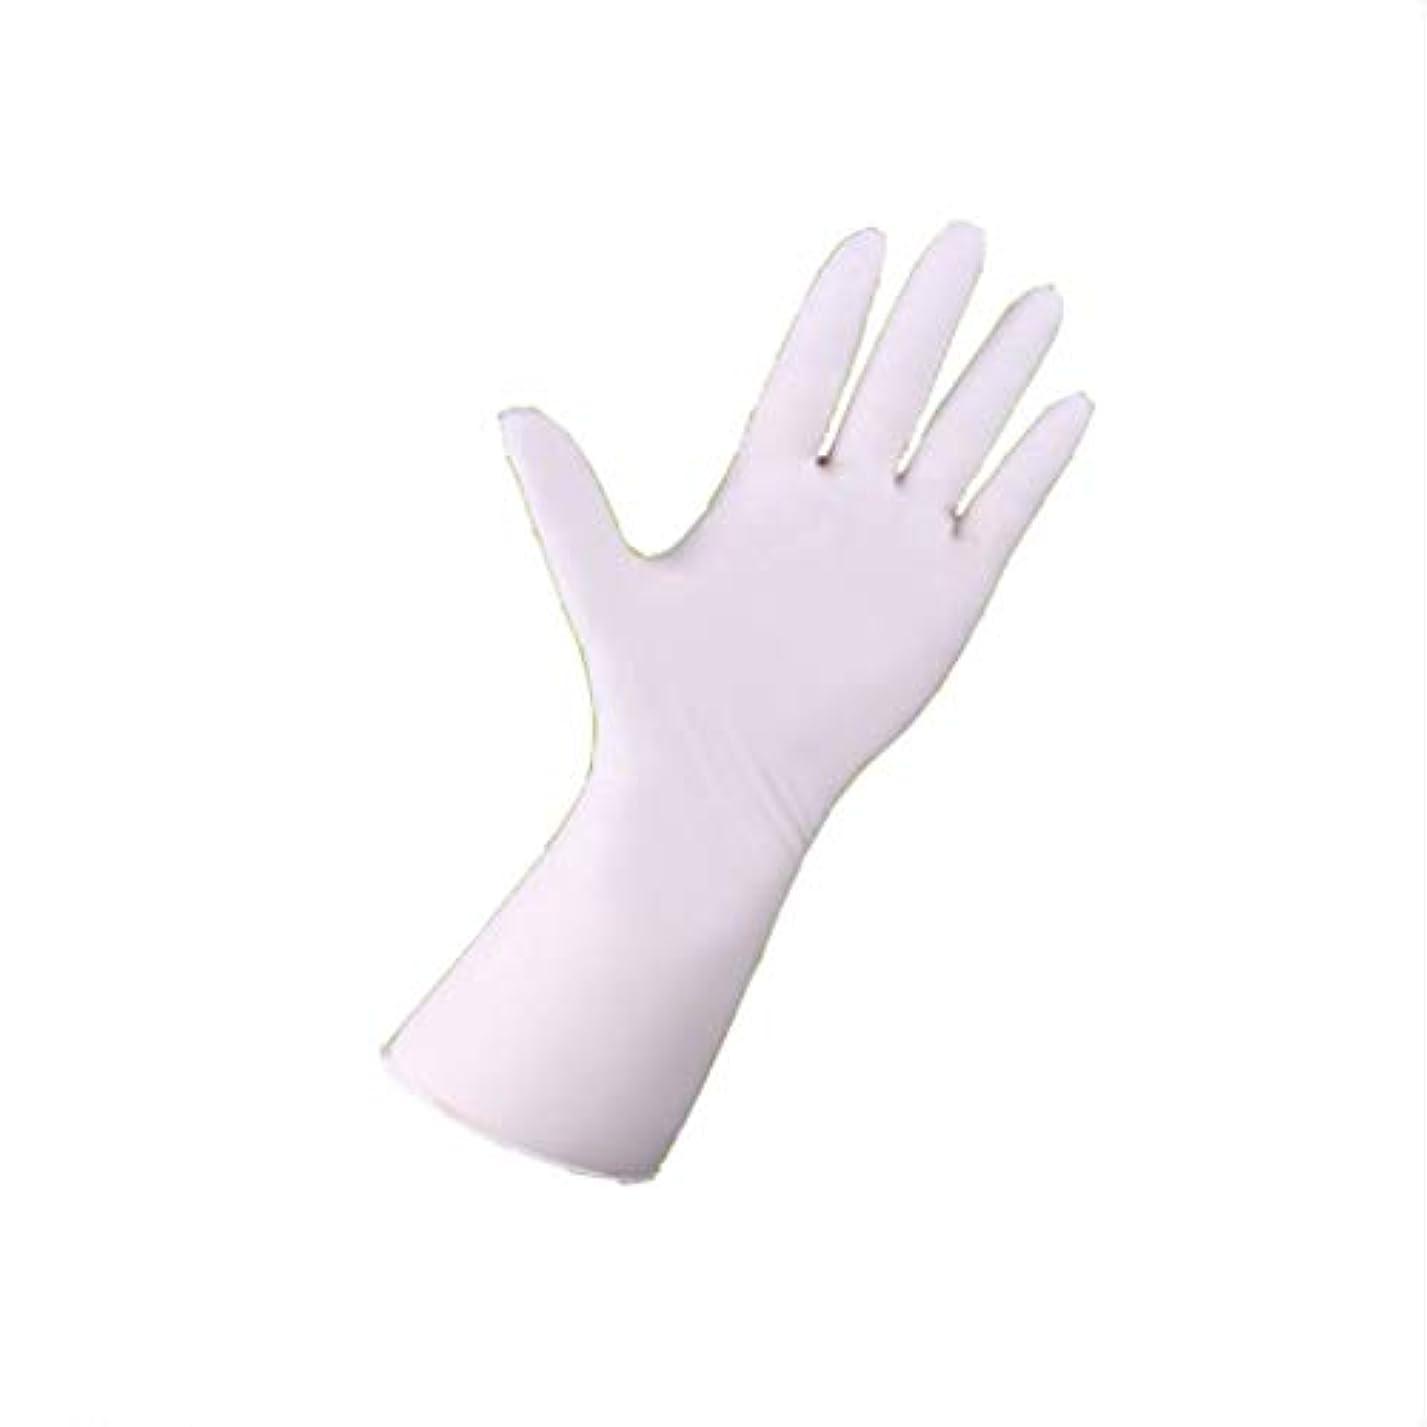 注釈ところで揃える手袋、使い捨て手袋、長いゴムラボ、帯電防止ペディキュア、マッサージ、ハンドマッサージ100 (サイズ さいず : S s)